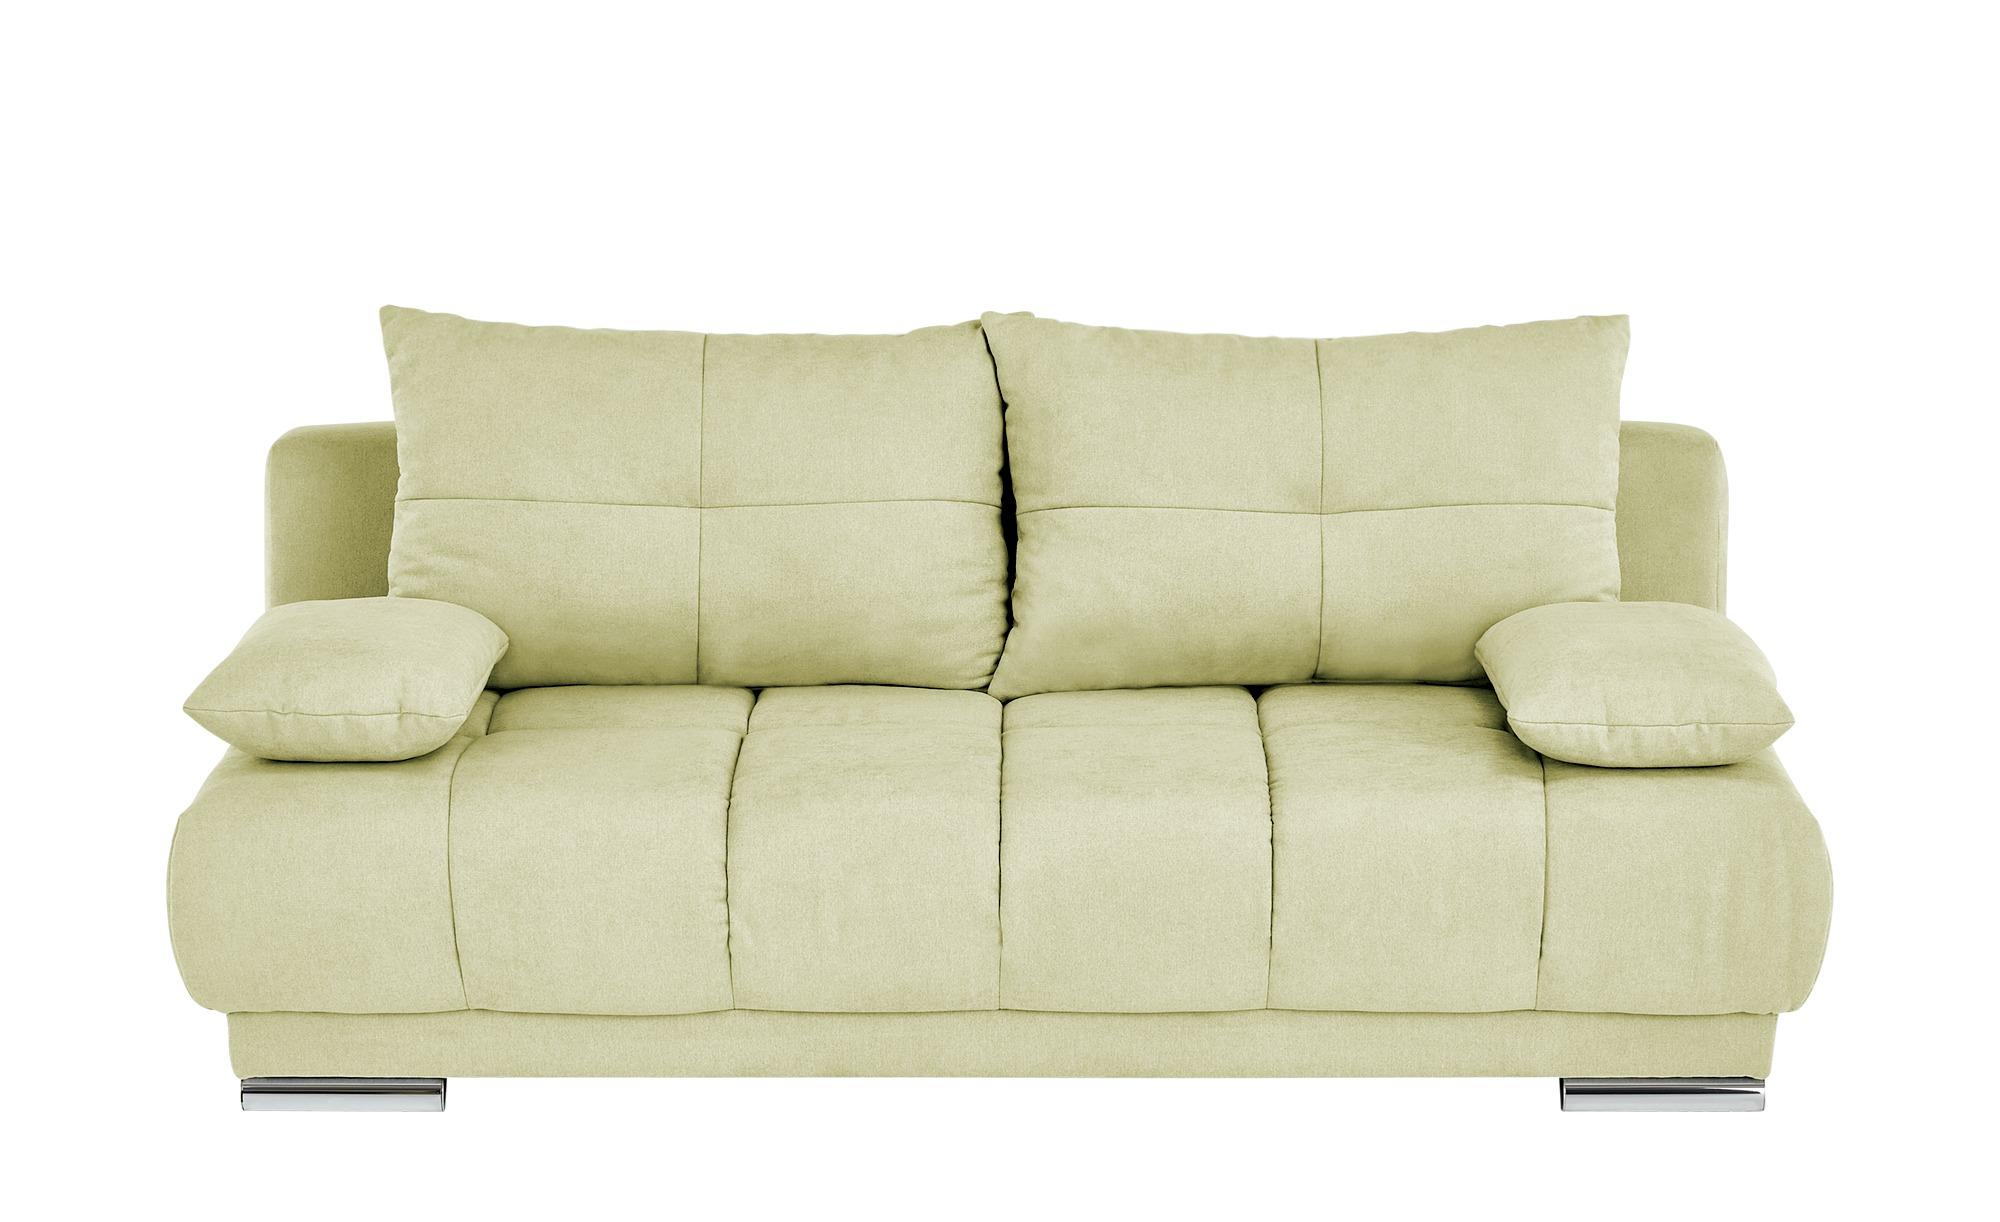 bobb Schlafsofa  Isalie de Luxe ¦ gelb ¦ Maße (cm): B: 206 H: 92 T: 105 Polstermöbel > Sofas > Einzelsofas - Höffner